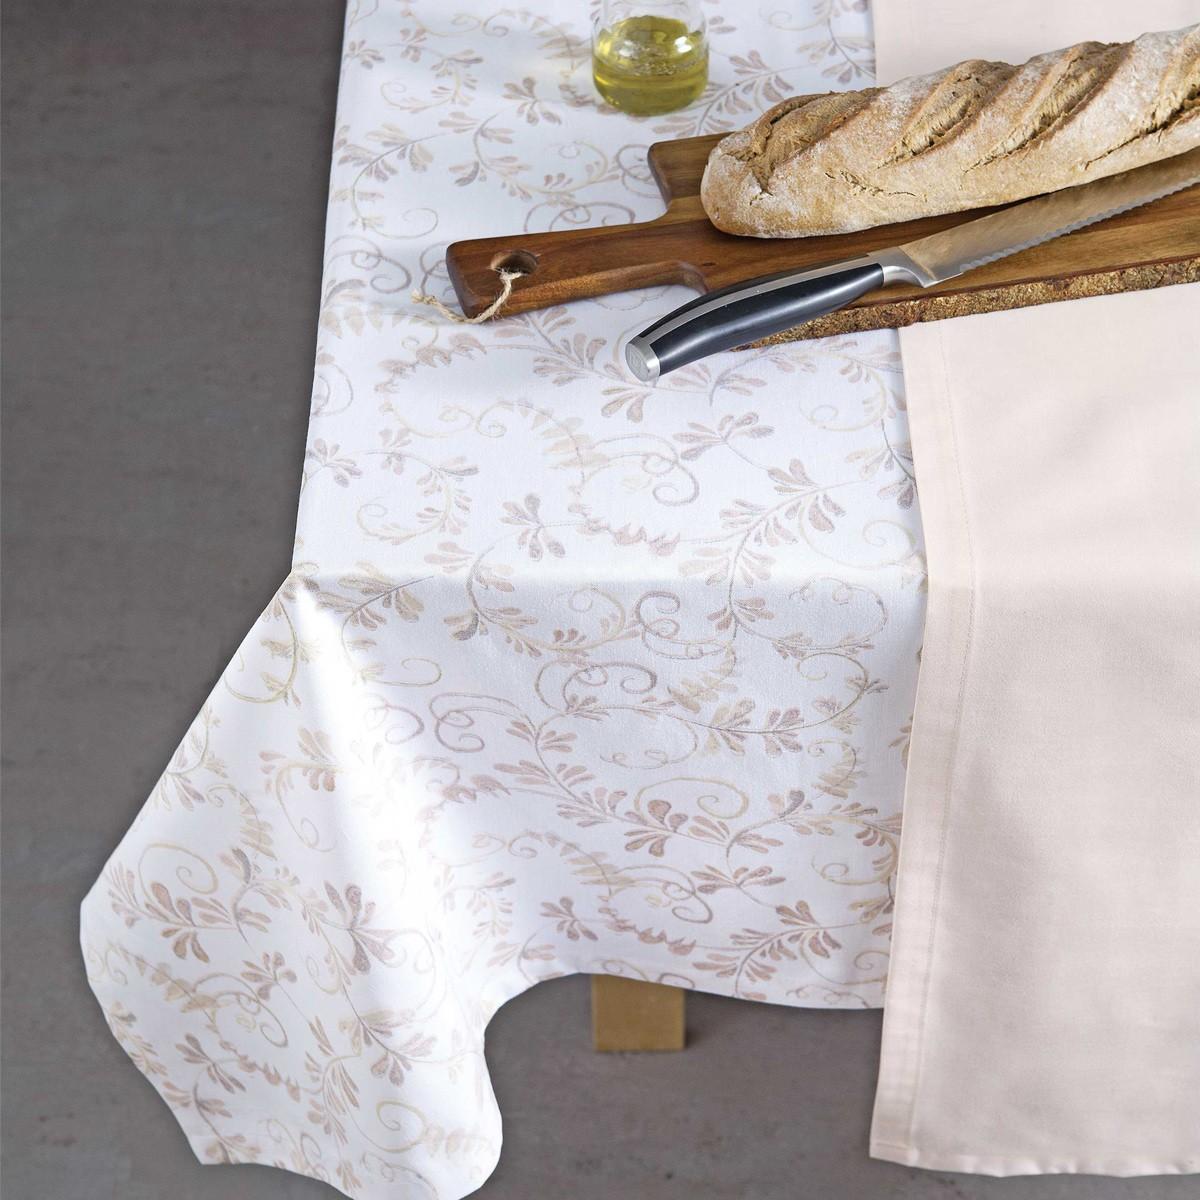 Τραπεζομάντηλο (150x220) Nima Table Linen Amarath